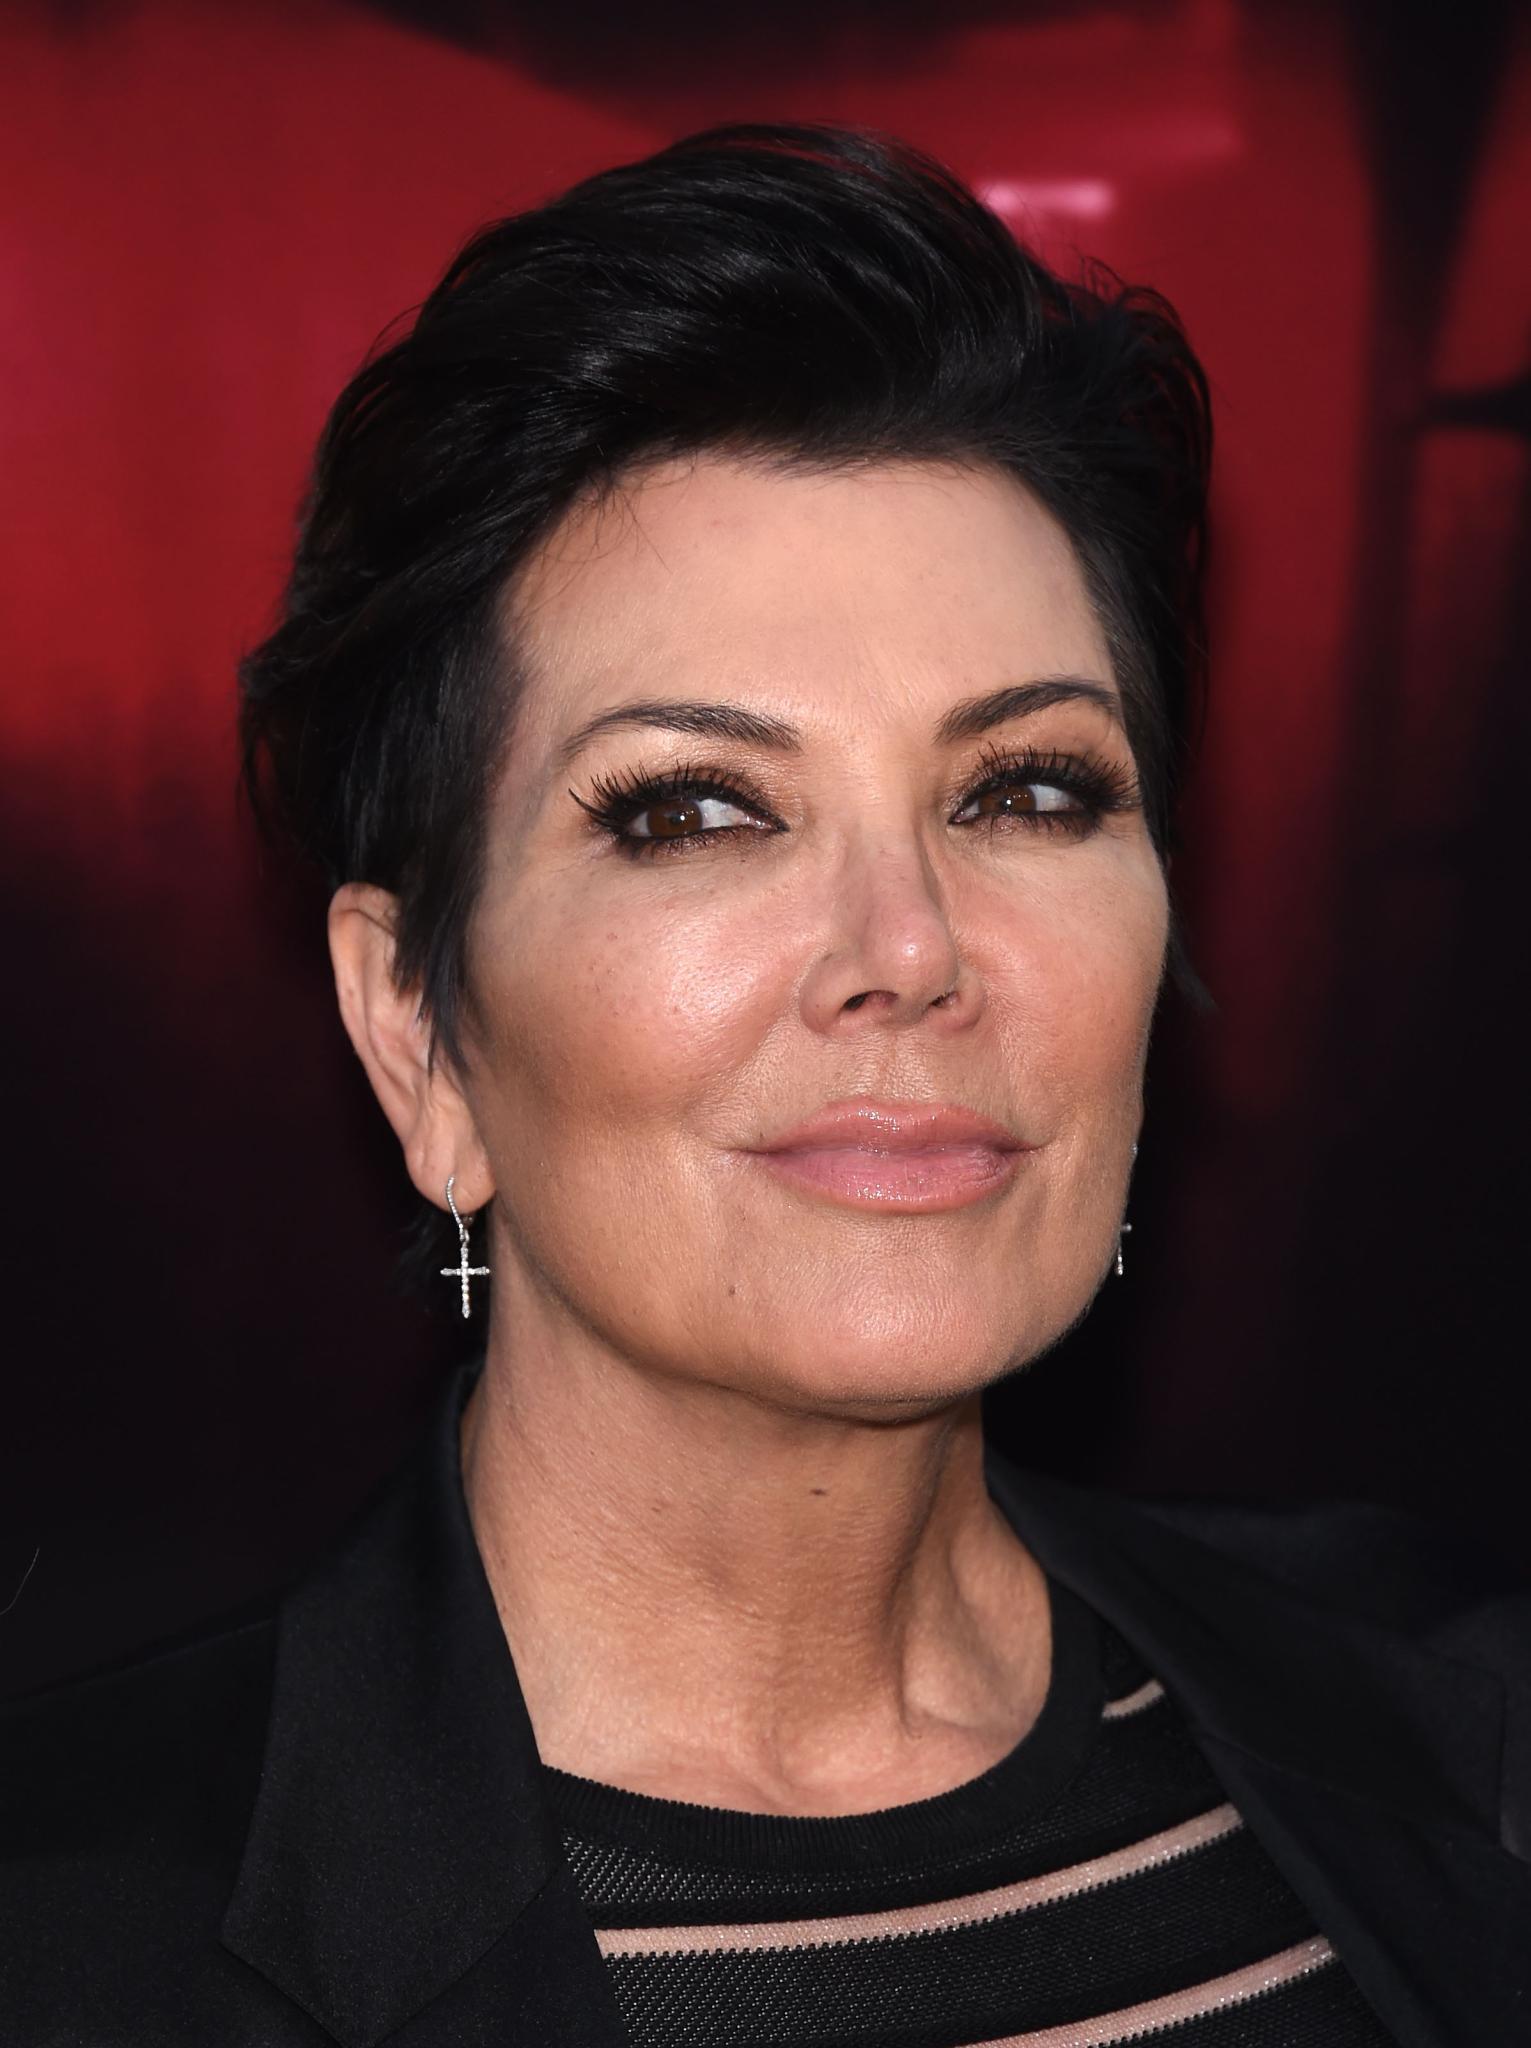 Hin- und hergerissen: Kris Jenner fühlt sich von ihrem Ex-Ehemann Bruce hintergangen, hat aber immer noch tiefe Gefühle für ihn